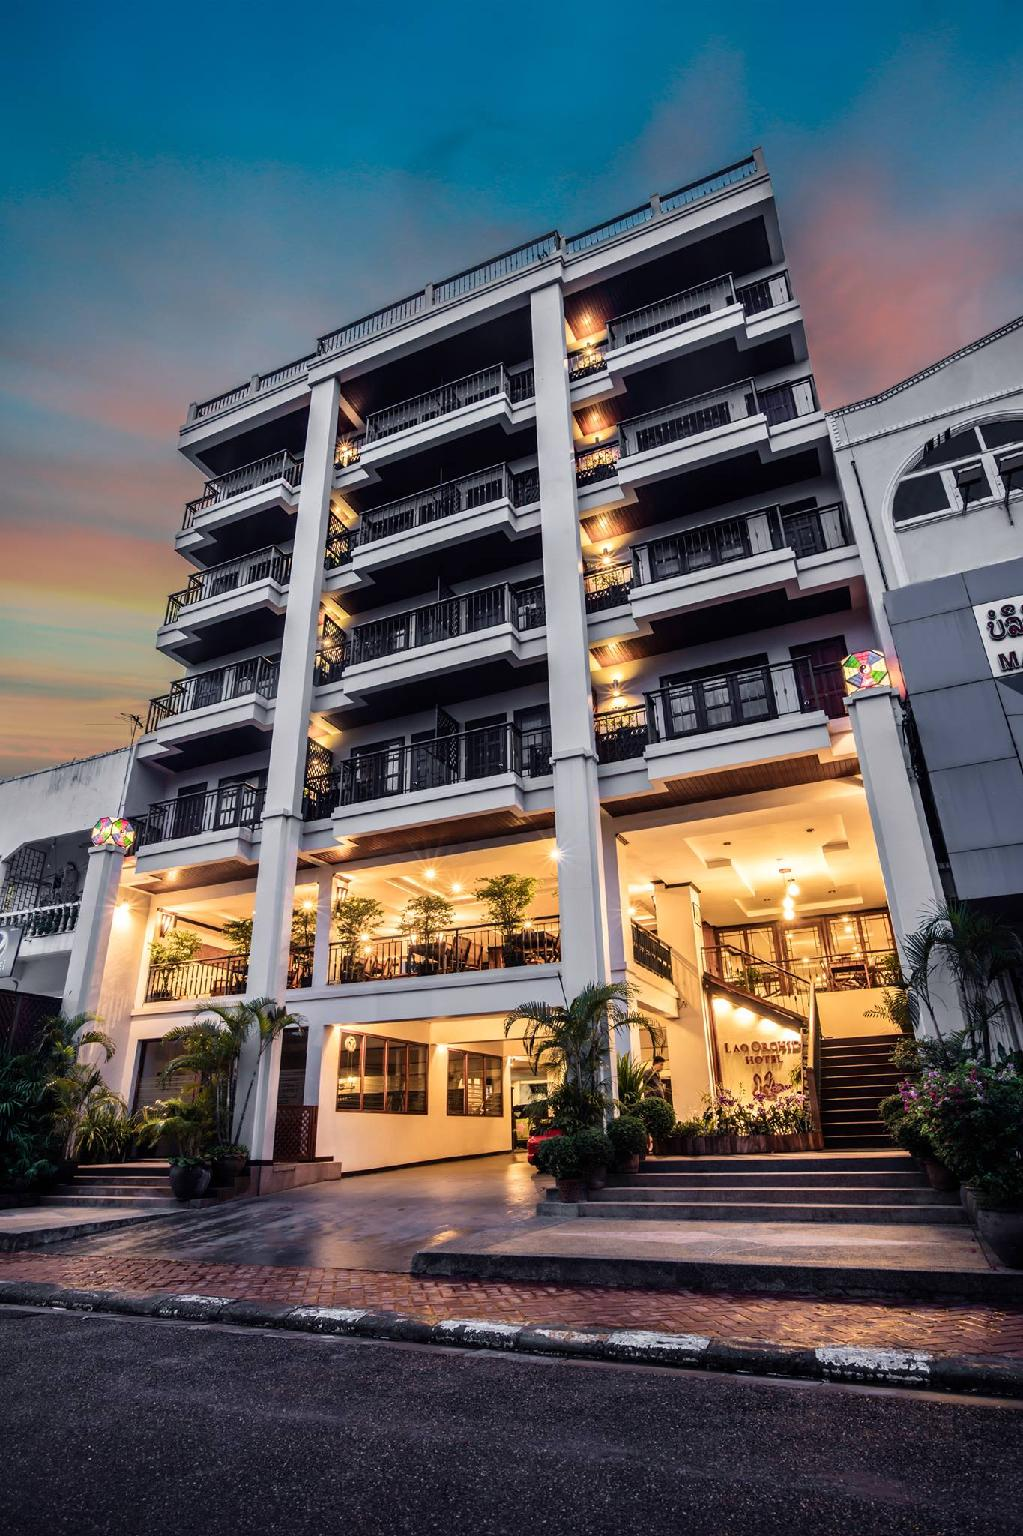 Vientiane Hotels Reservation Service